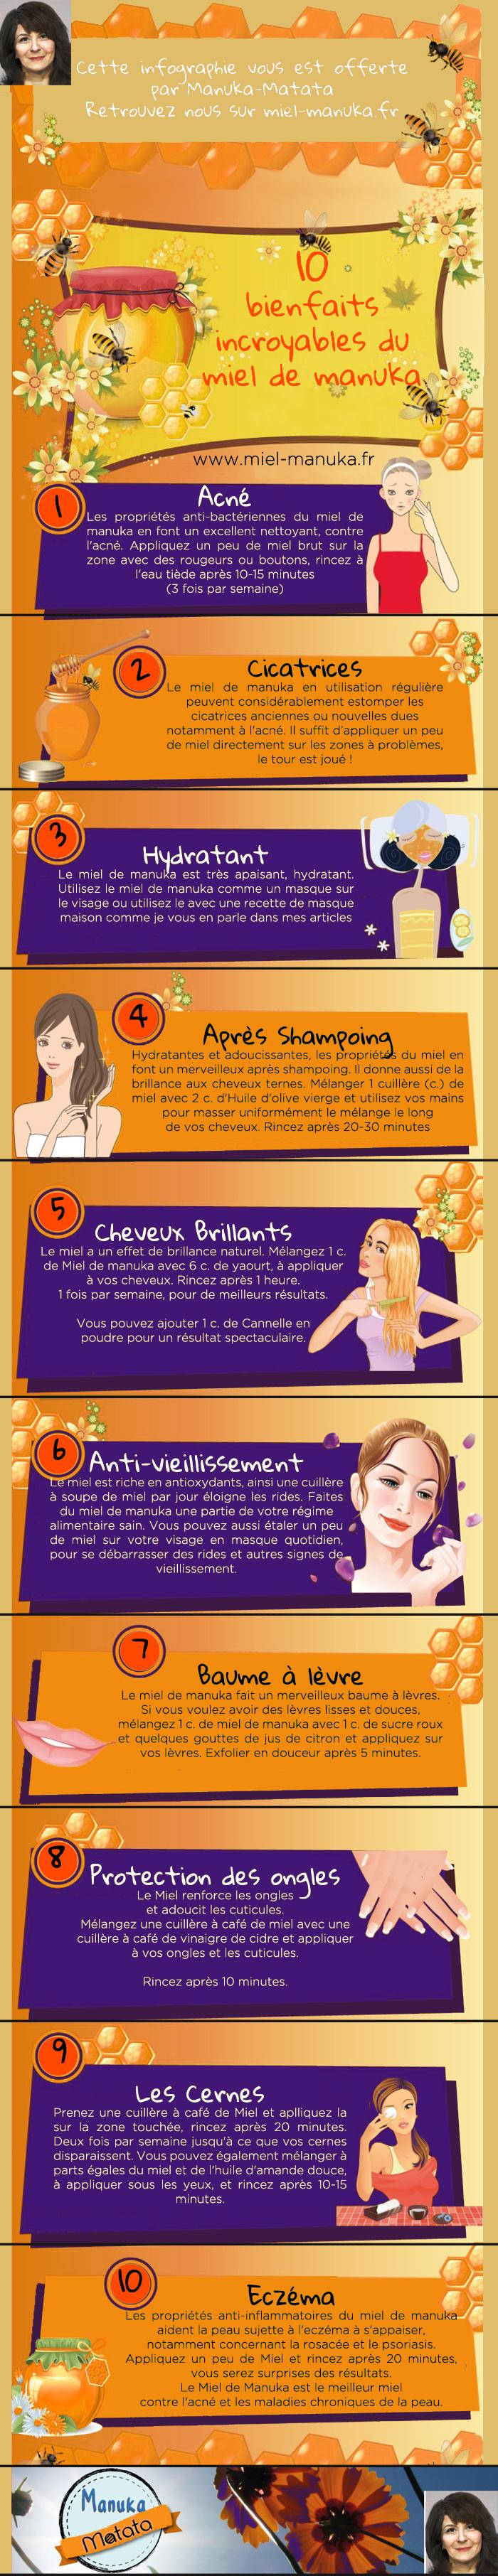 Infographie bienfaits Miel manuka matata 10 bienfaits du miel de manuka pour la peau !